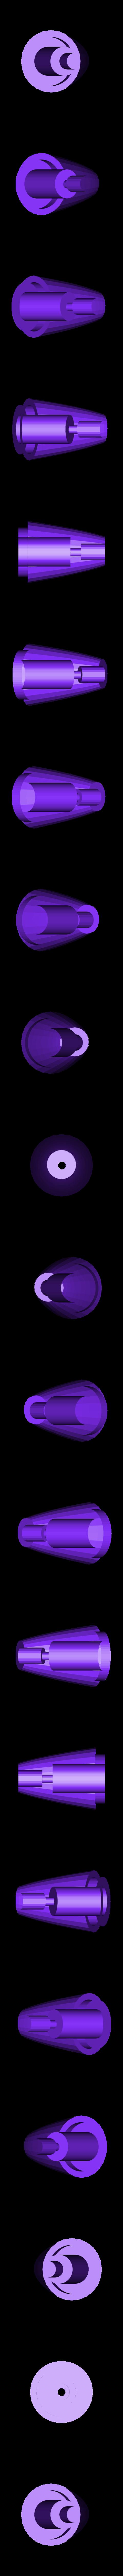 3soportelampara.stl Télécharger fichier STL gratuit DRAGON BALL lampe • Design pour imprimante 3D, 3dlito